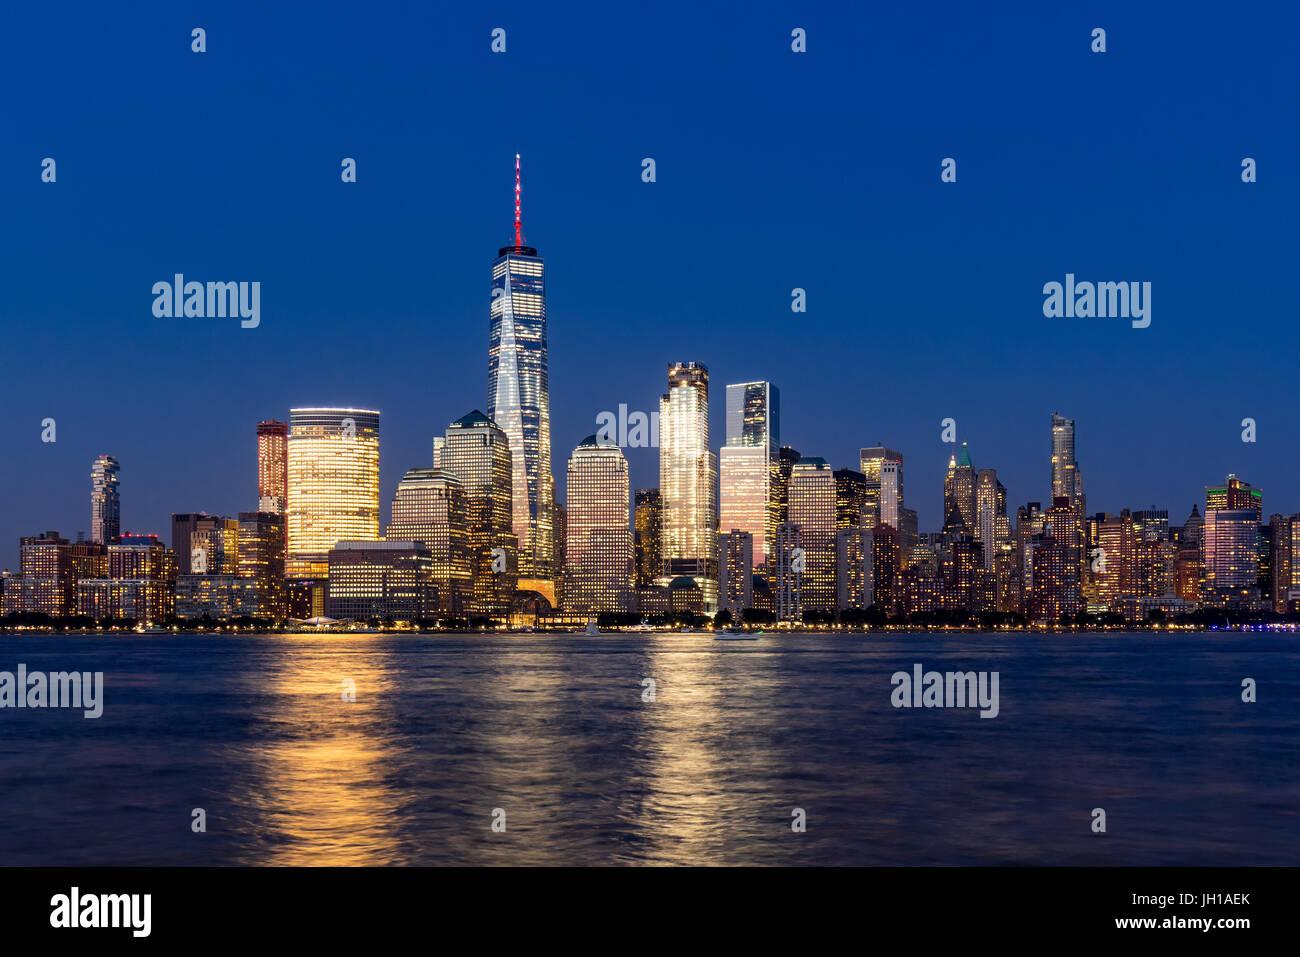 New York City Financial District grattacieli e sul fiume Hudson al crepuscolo. Vista panoramica di Lower Manhattan Immagini Stock